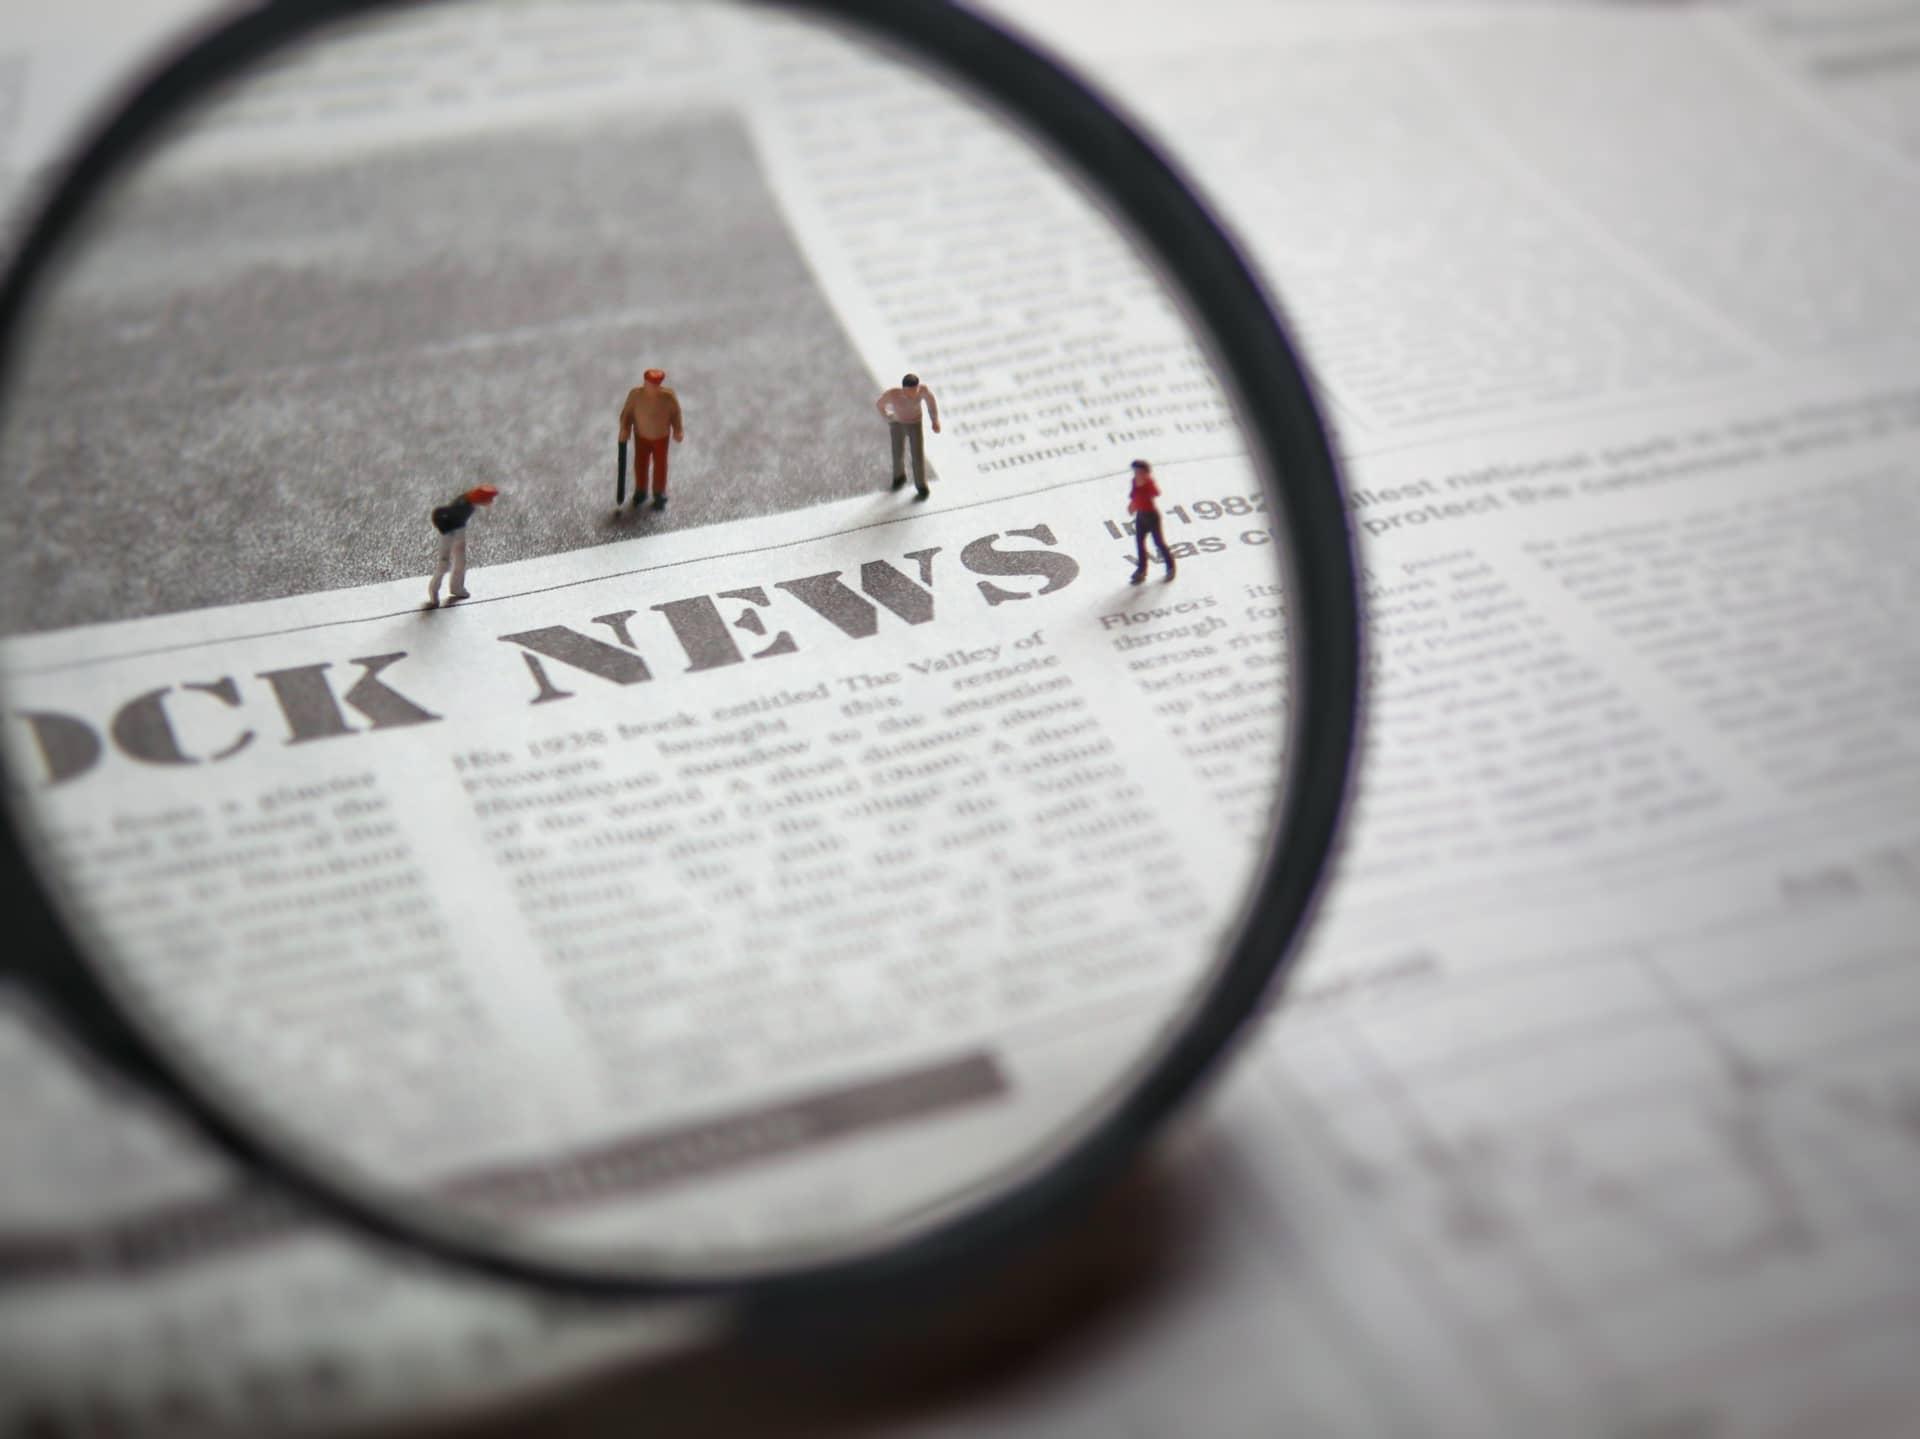 EC-CUBEに新着情報一覧ページと新着情報詳細ページを作る